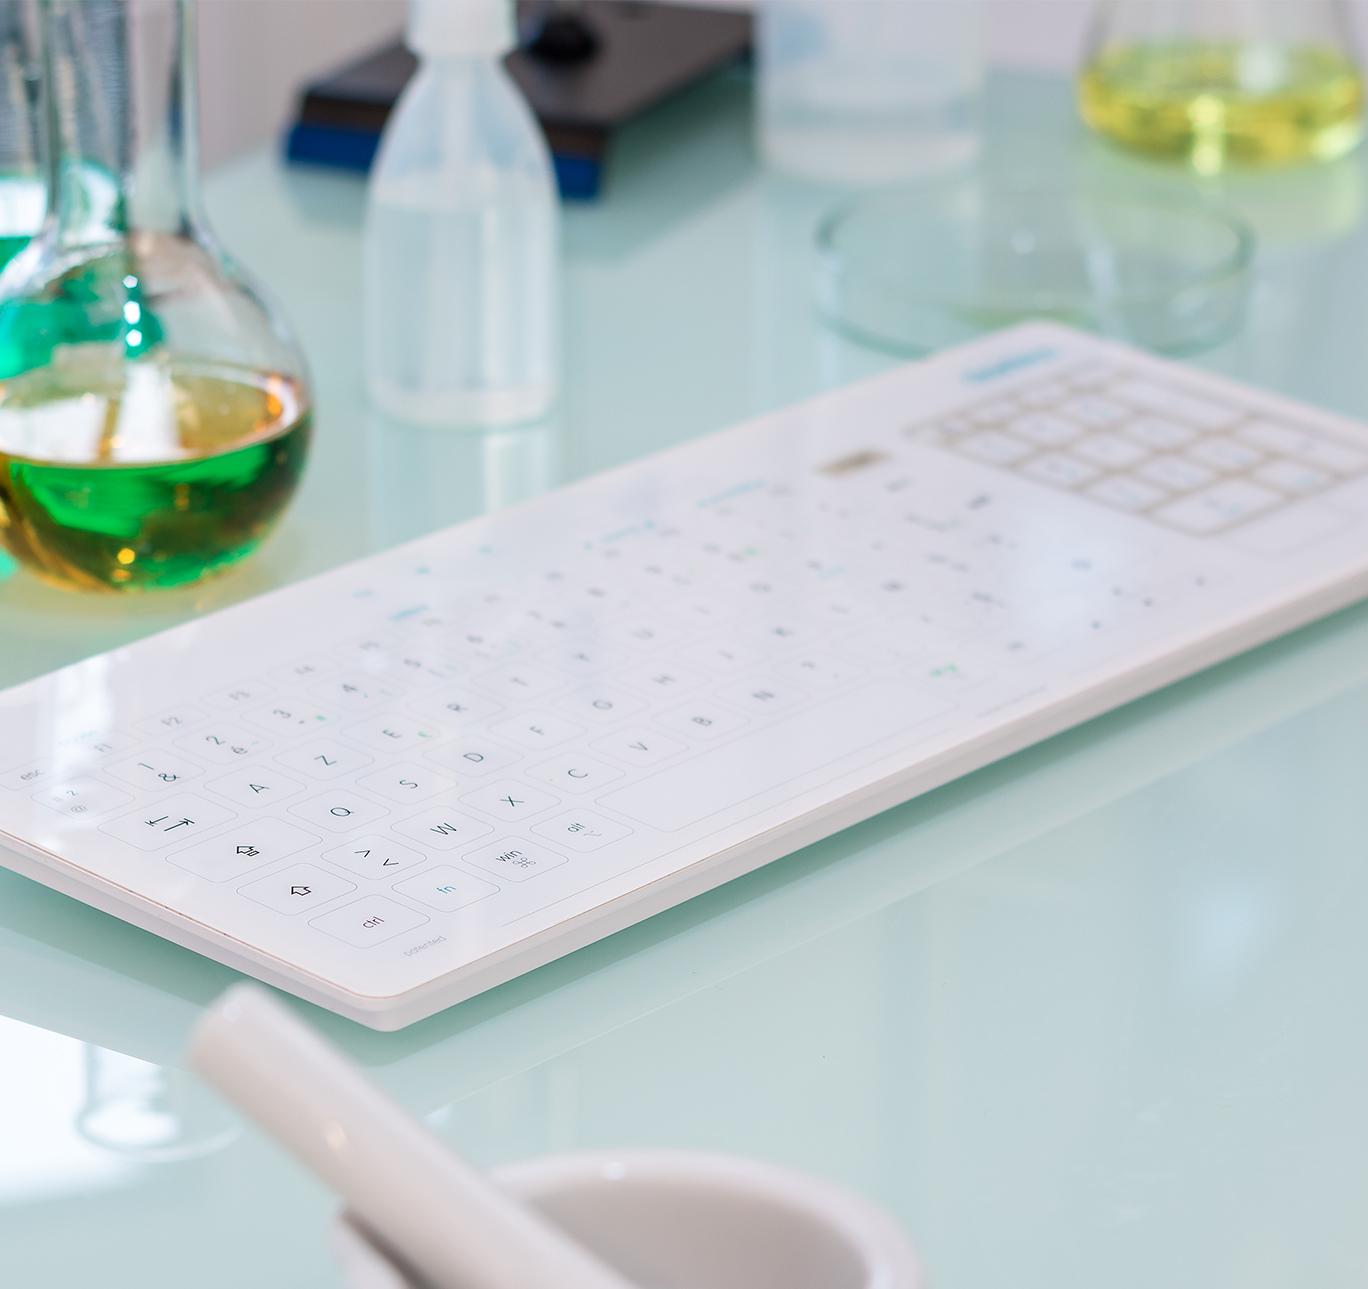 Cleankeys Wireless Glass Surface Keyboard-3380